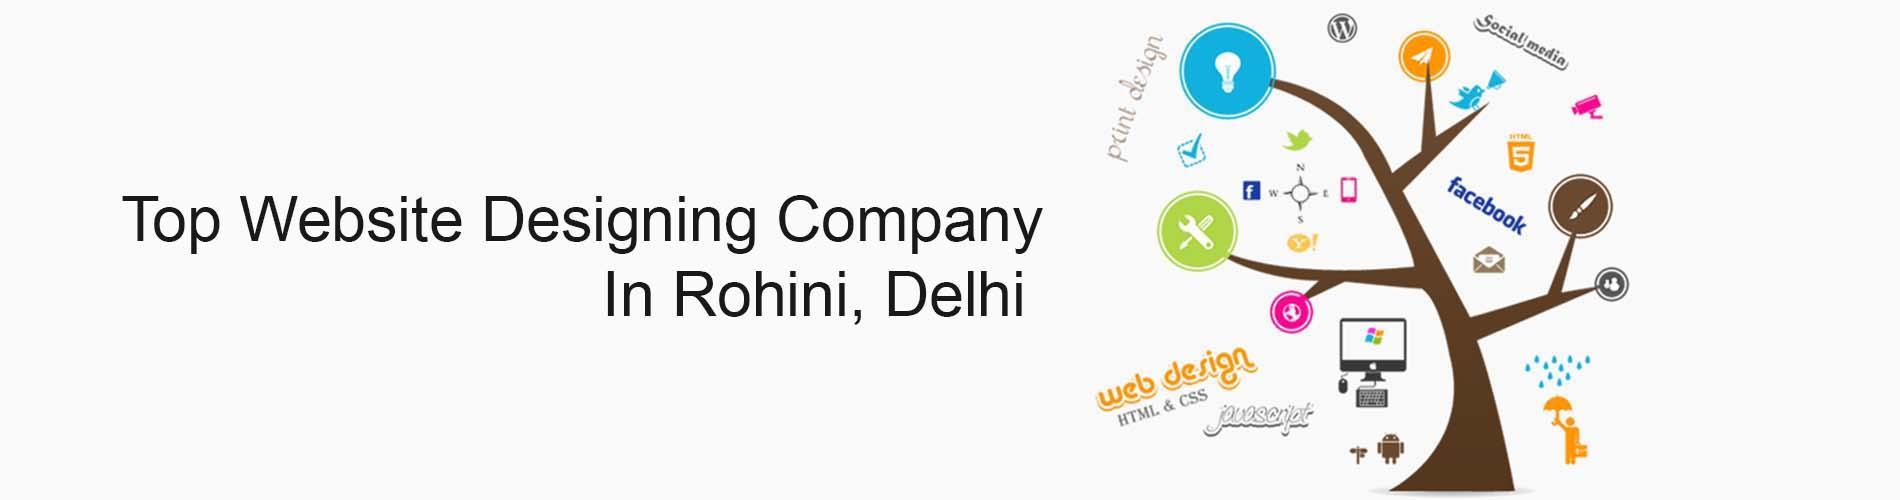 web designing company in rohini delhi